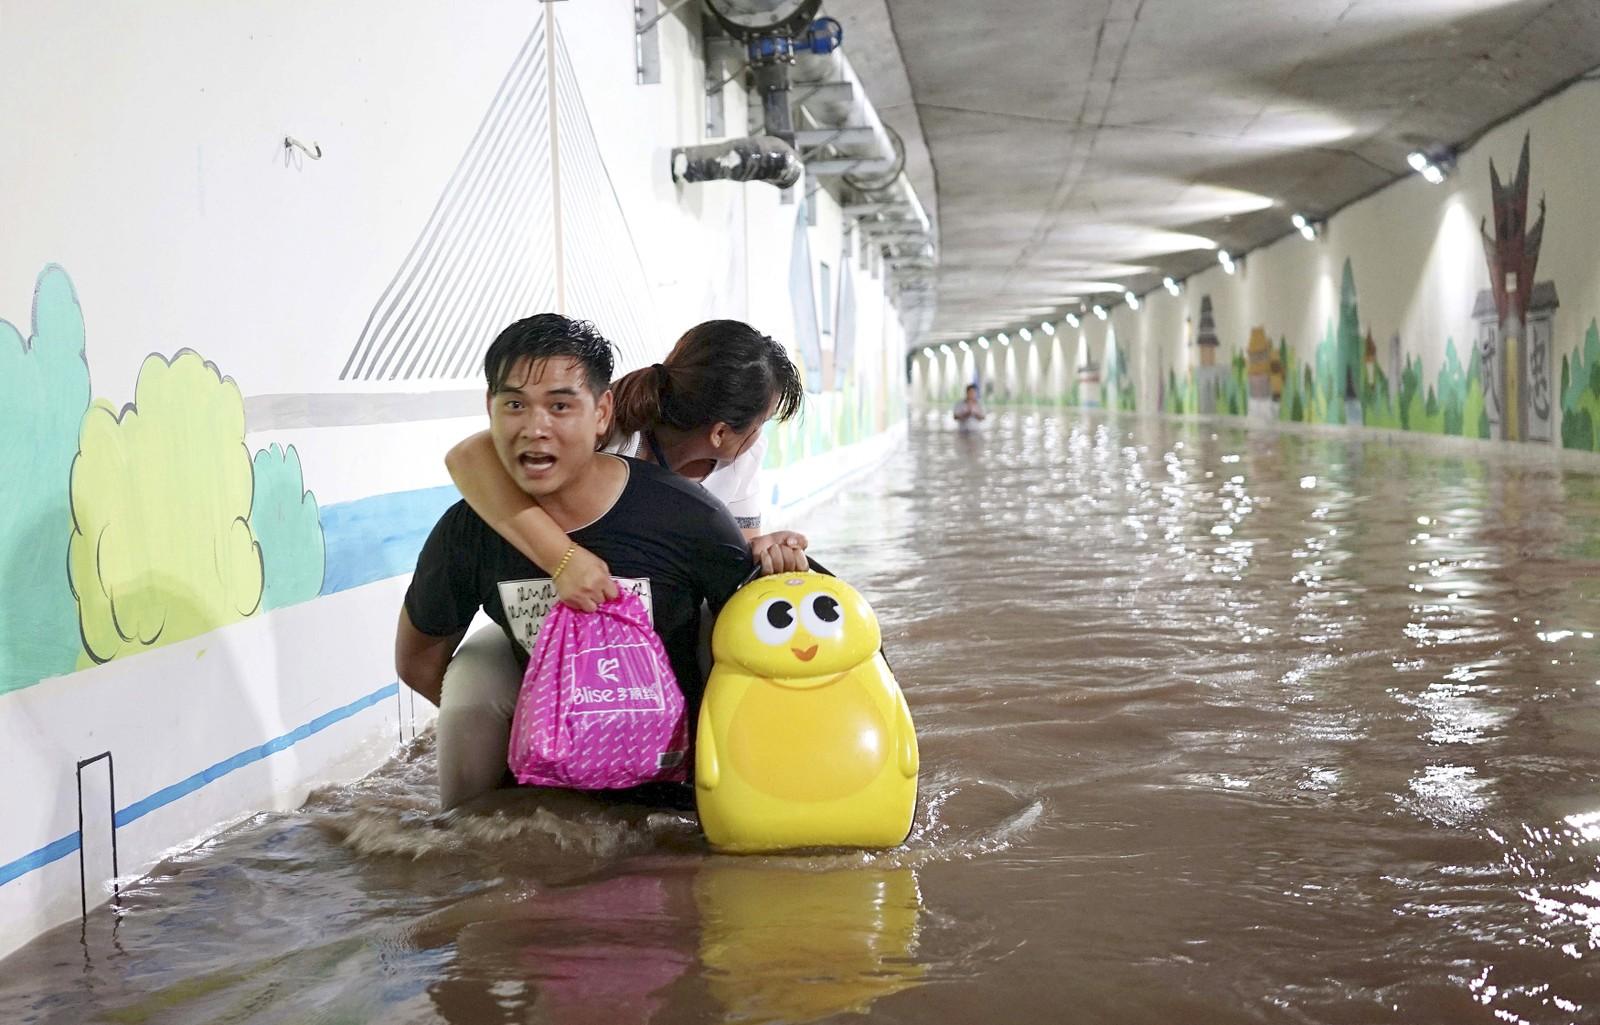 Dette paret er på vei til toget for å komme seg vekk fra det flomrammede Jinjua-distriktet i Kina.